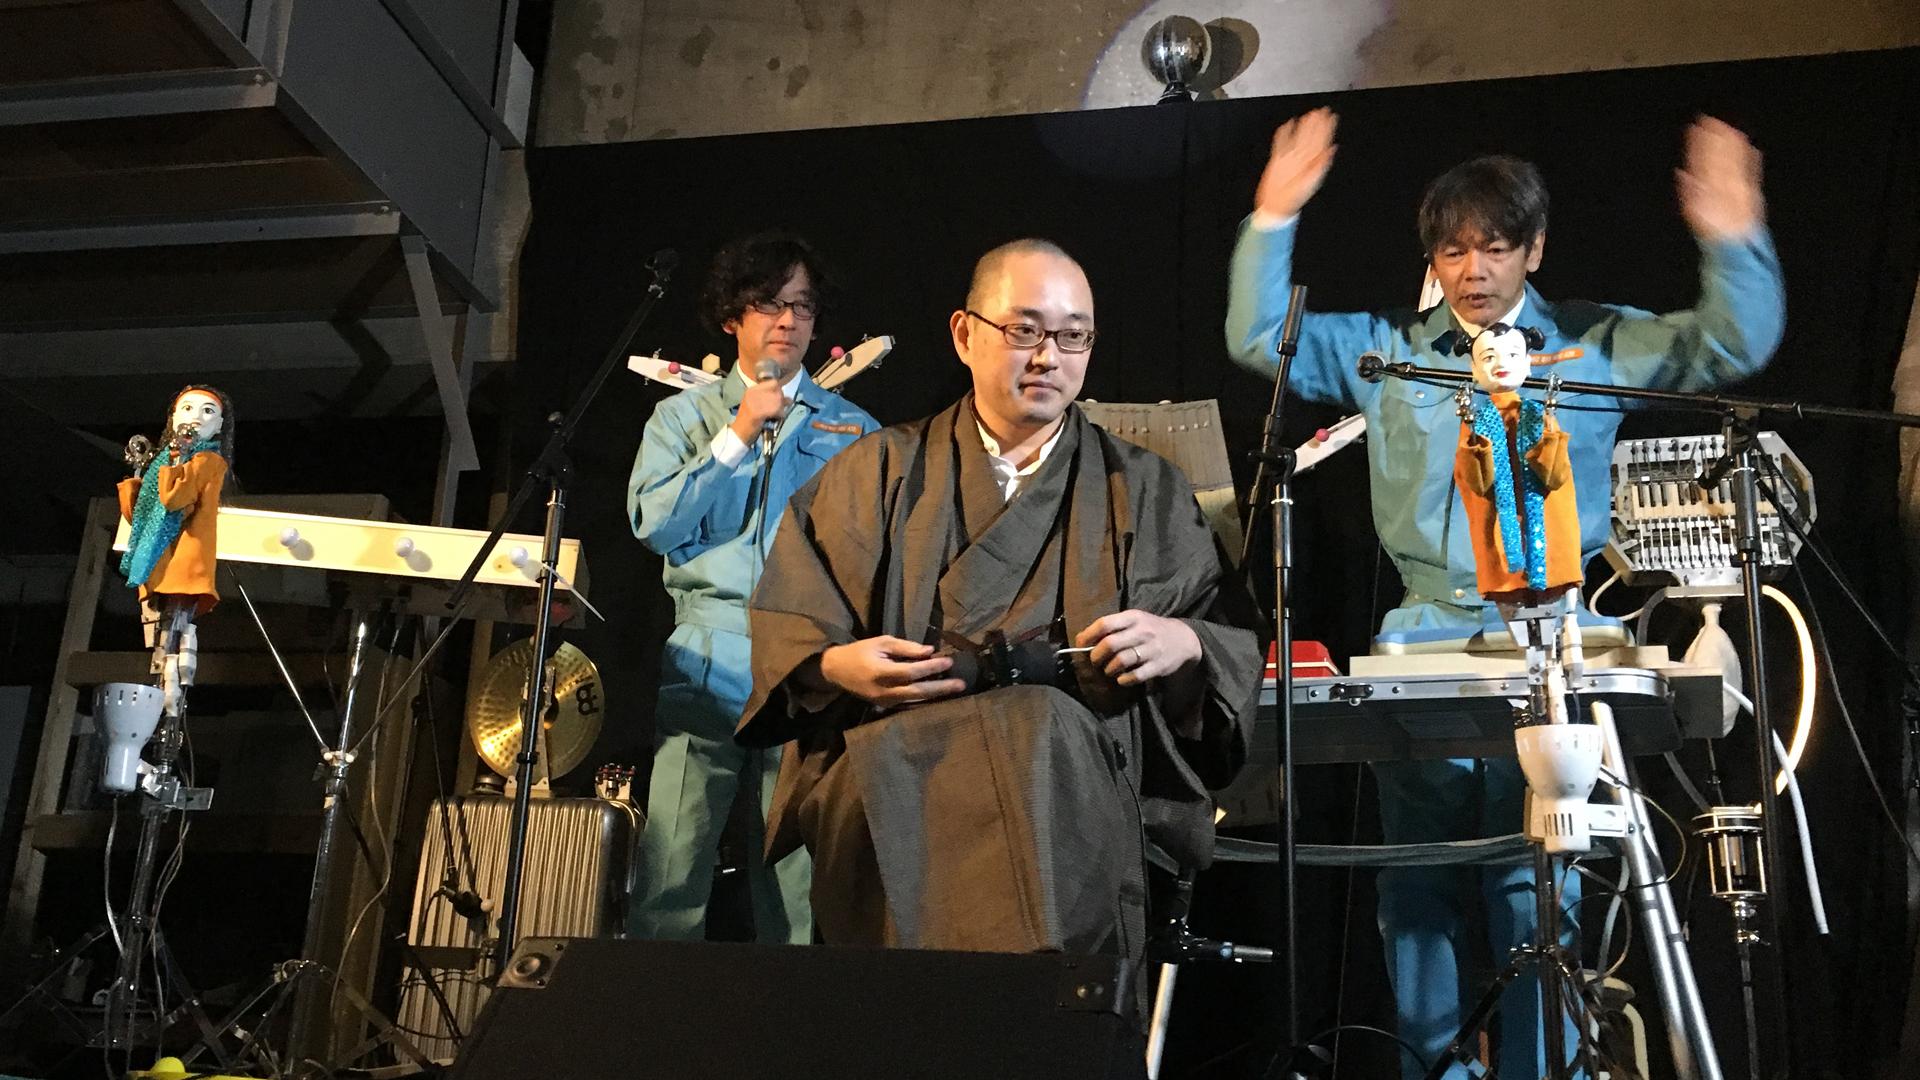 明和電機さんで不思議な楽器を見ました!